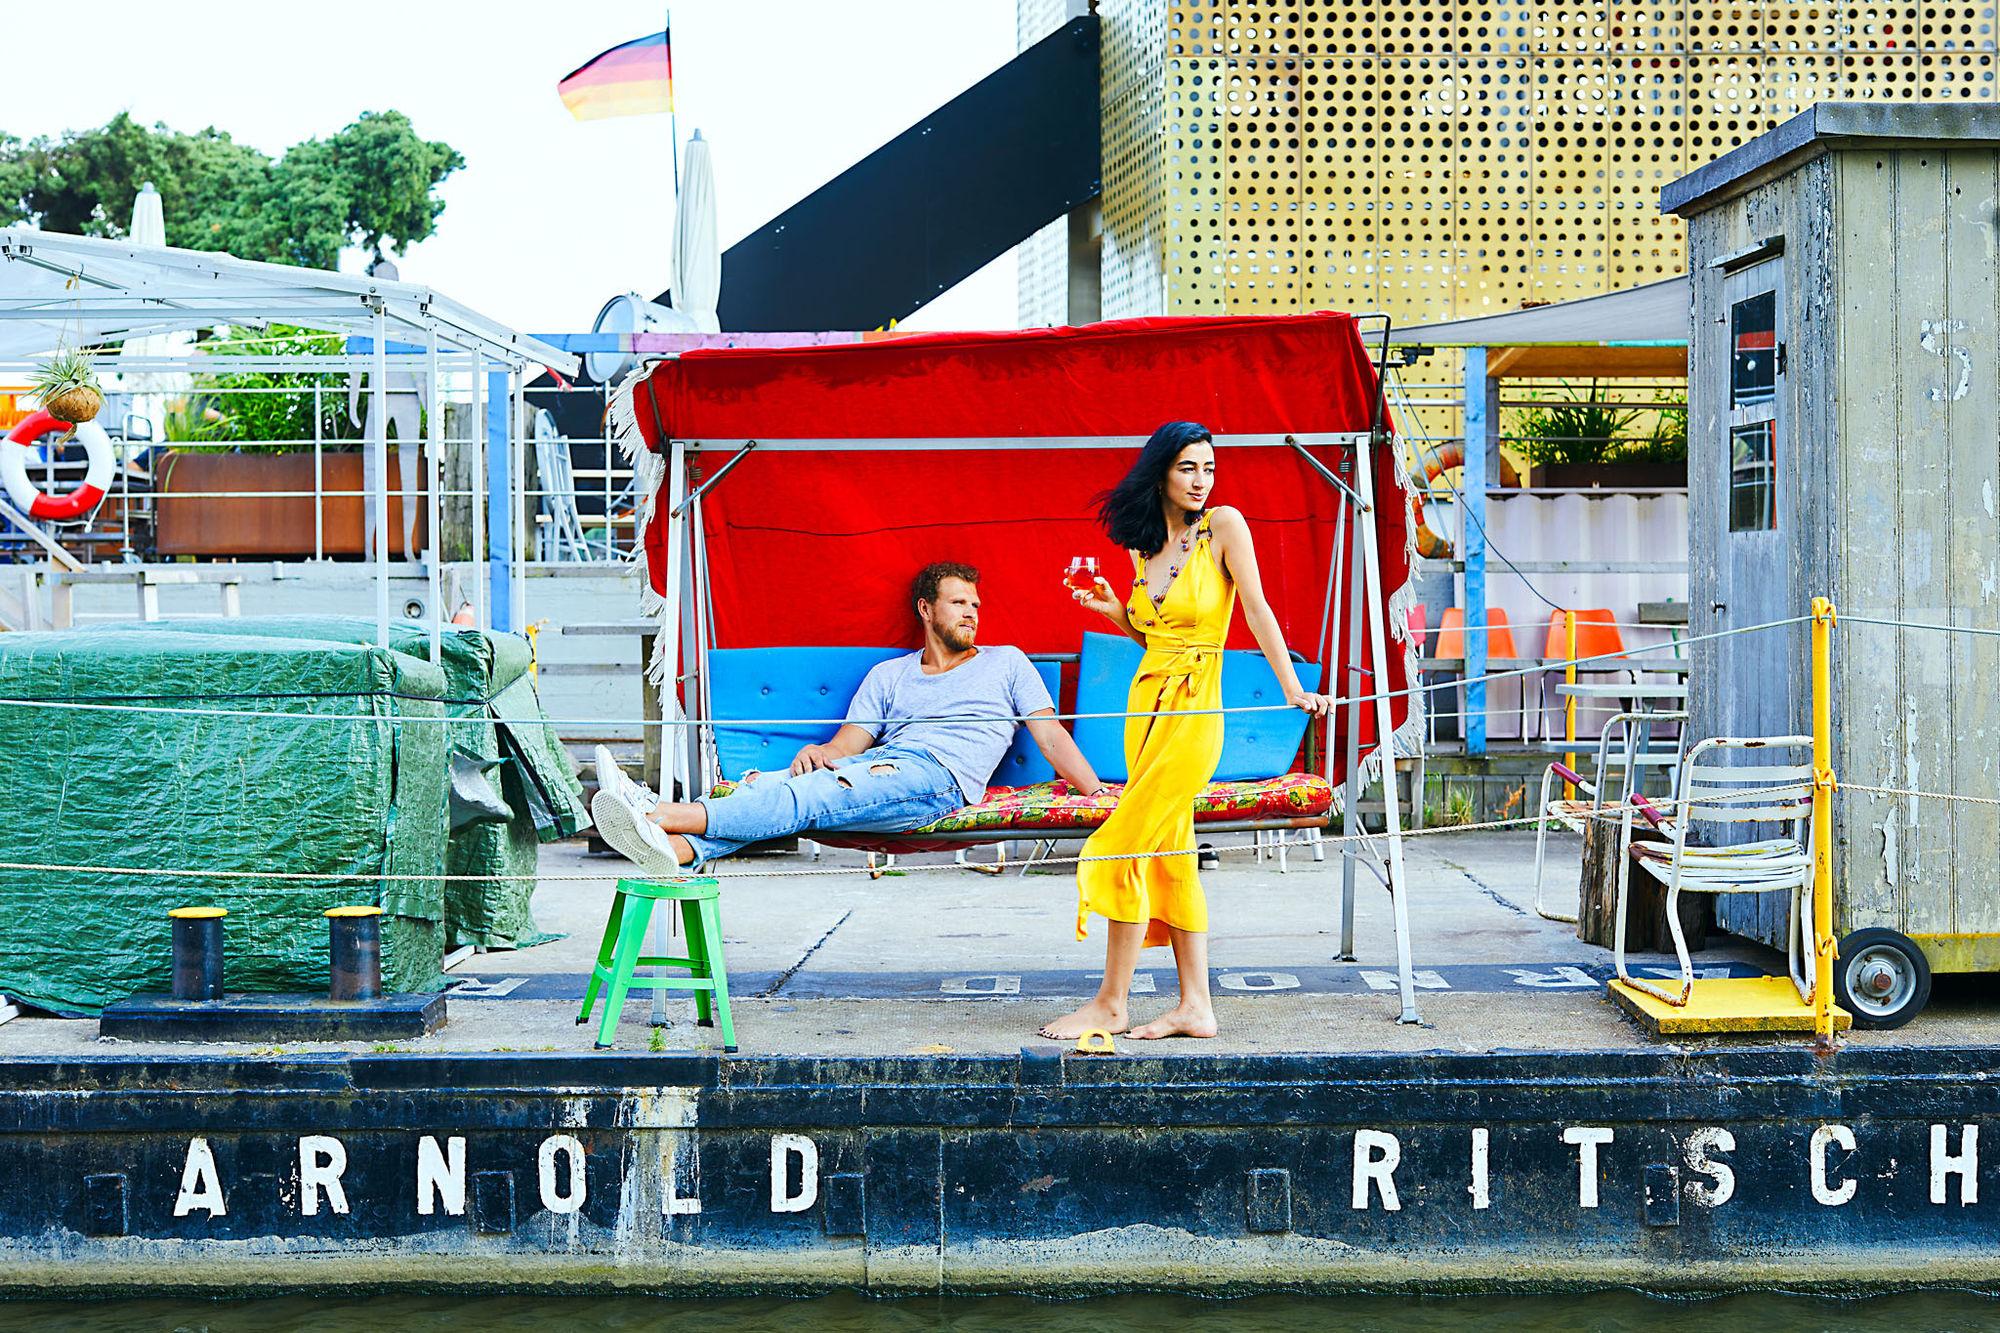 MANU AGAH Photography - RIVER CAFÉ - PERSONAL WORK